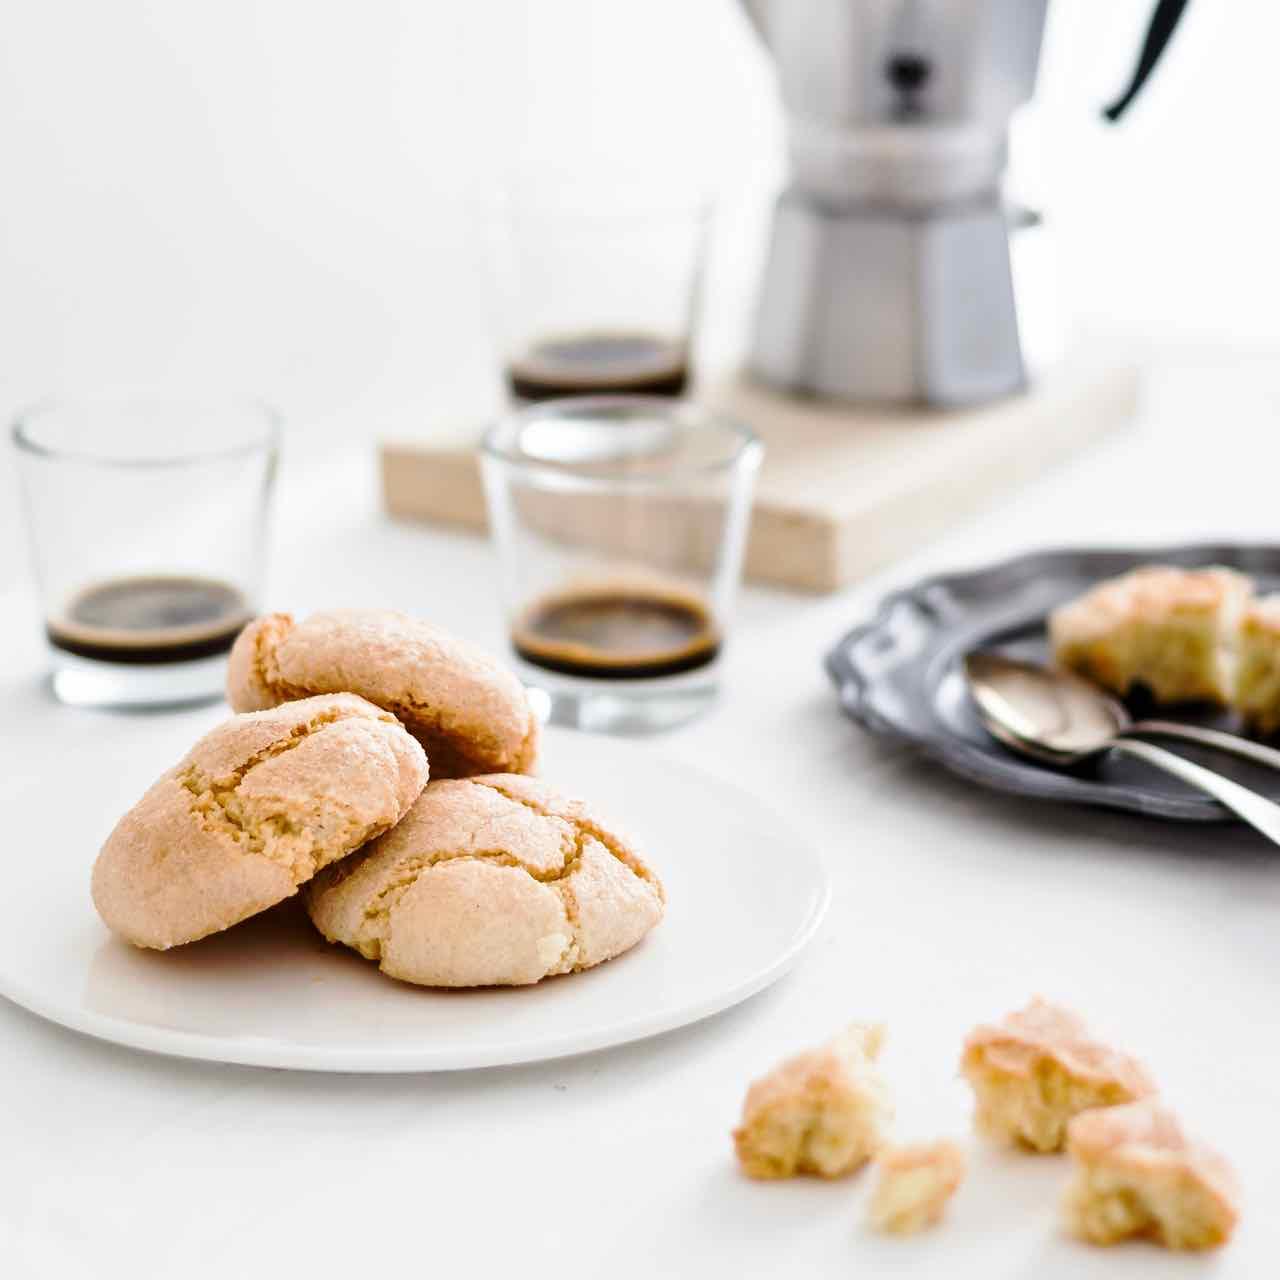 amaretti Sardi - come fare gli amaretti sardi - amaretti morbidi - ricetta amaretti - Italian recipe - Sardinian recipe - Soft almond Amaretti cookies - almond cookies - almond biscuits - gluten free recipe - food photography - opsd blog - sonia monagheddu